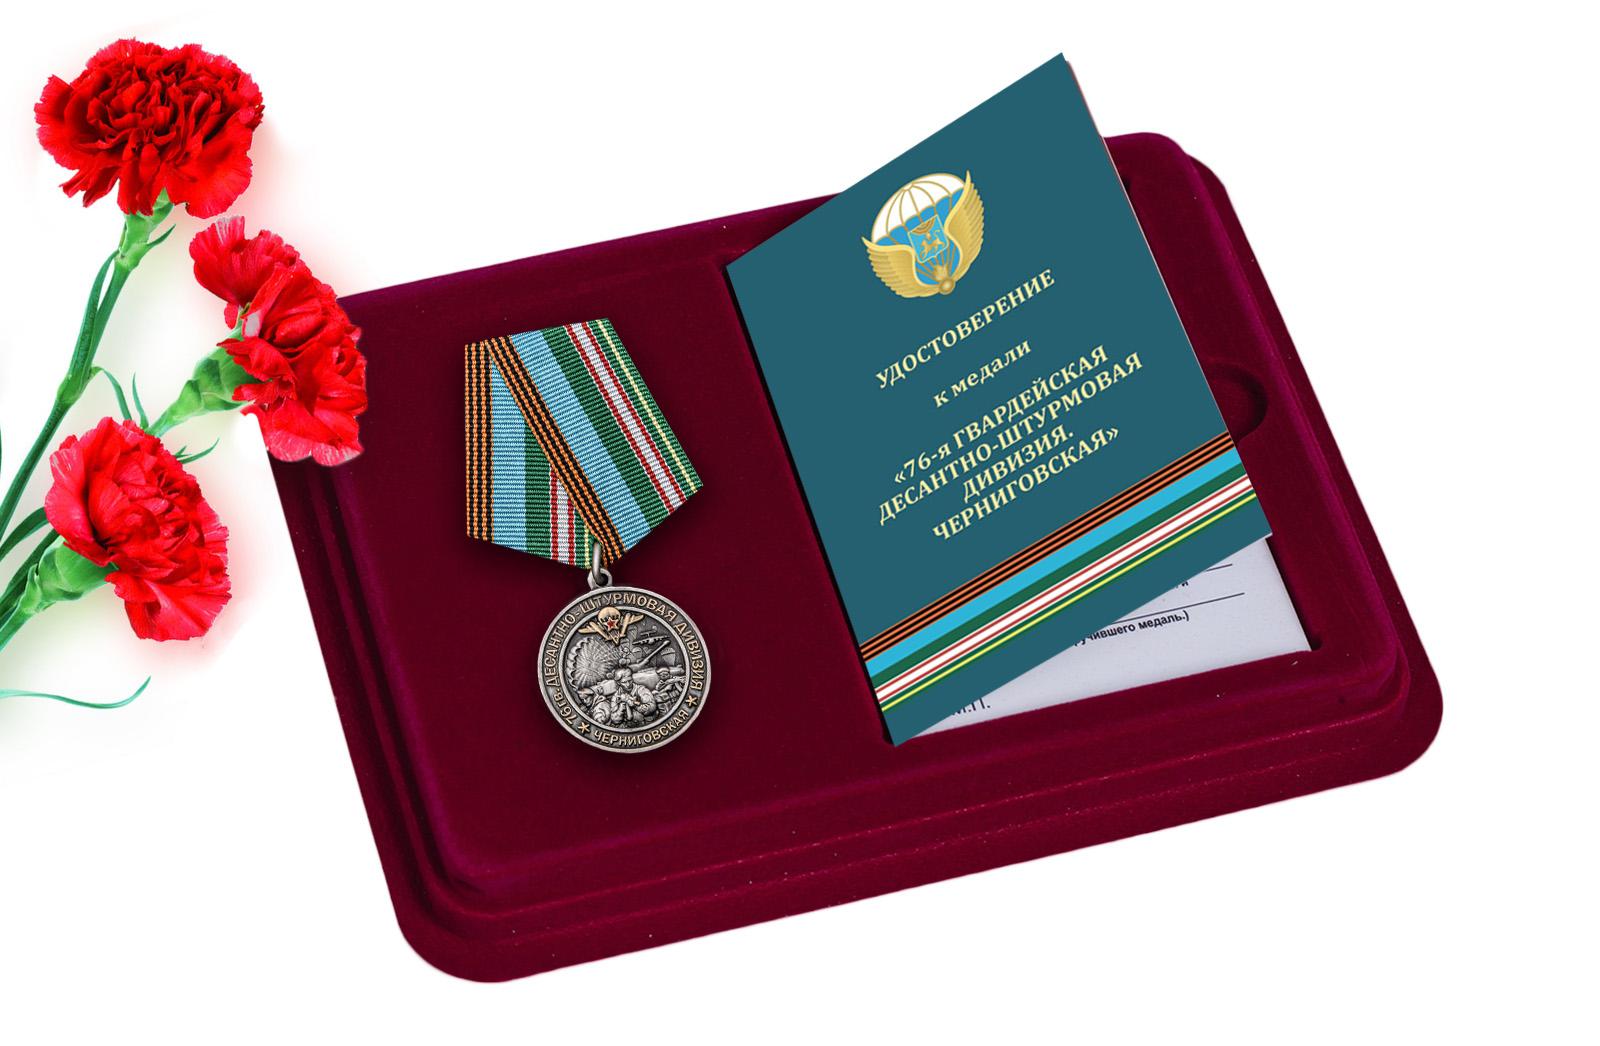 Купить медаль 76-я гв. Десантно-штурмовая дивизия с доставкой или самовывозом